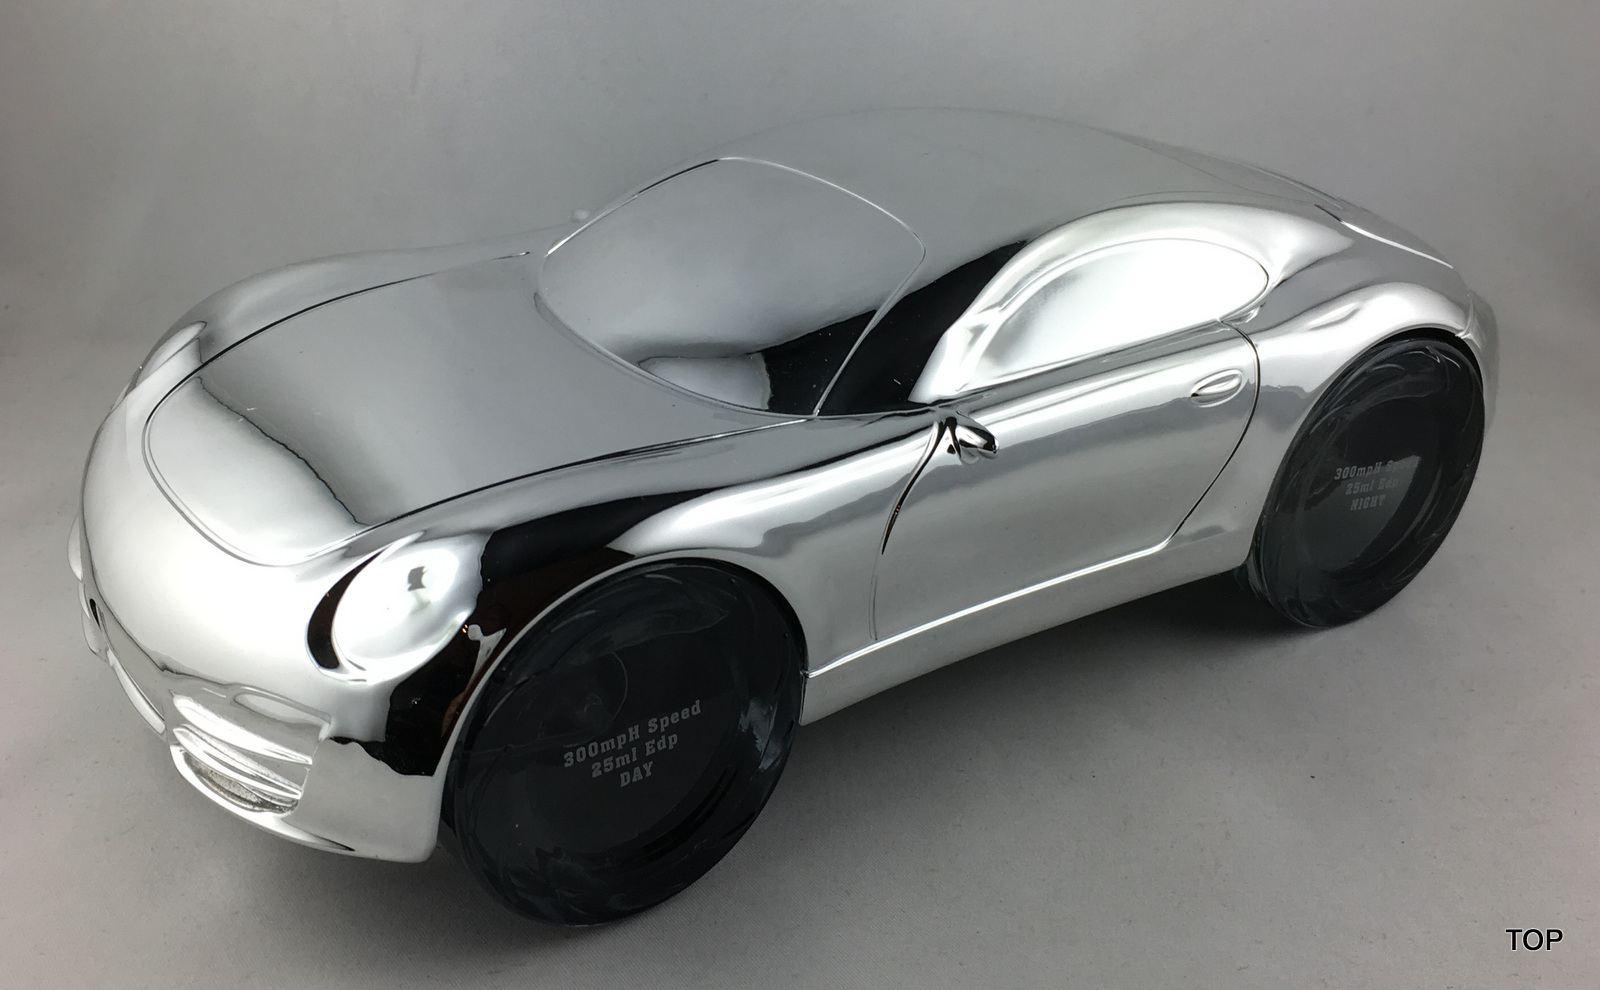 300mph speed car parf m for men geschenke set 4x25ml edp von unbekannt. Black Bedroom Furniture Sets. Home Design Ideas